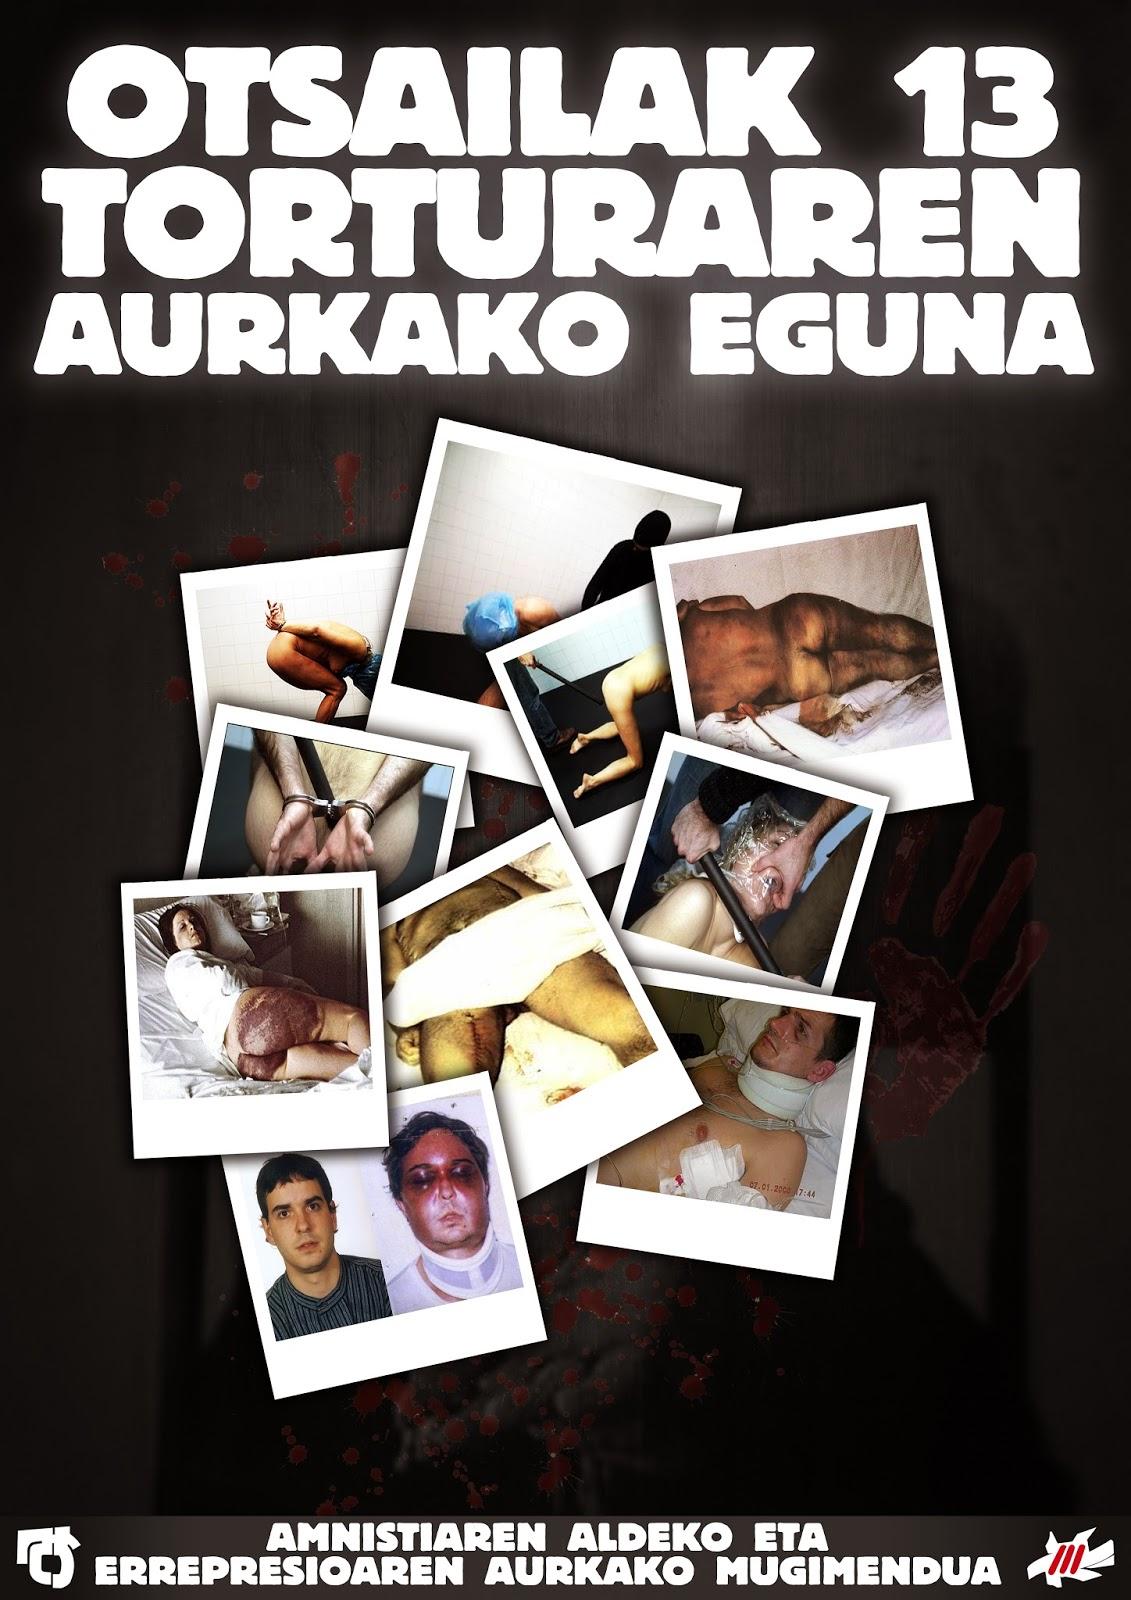 TORTURAREN+AURKAKO+EGUNA